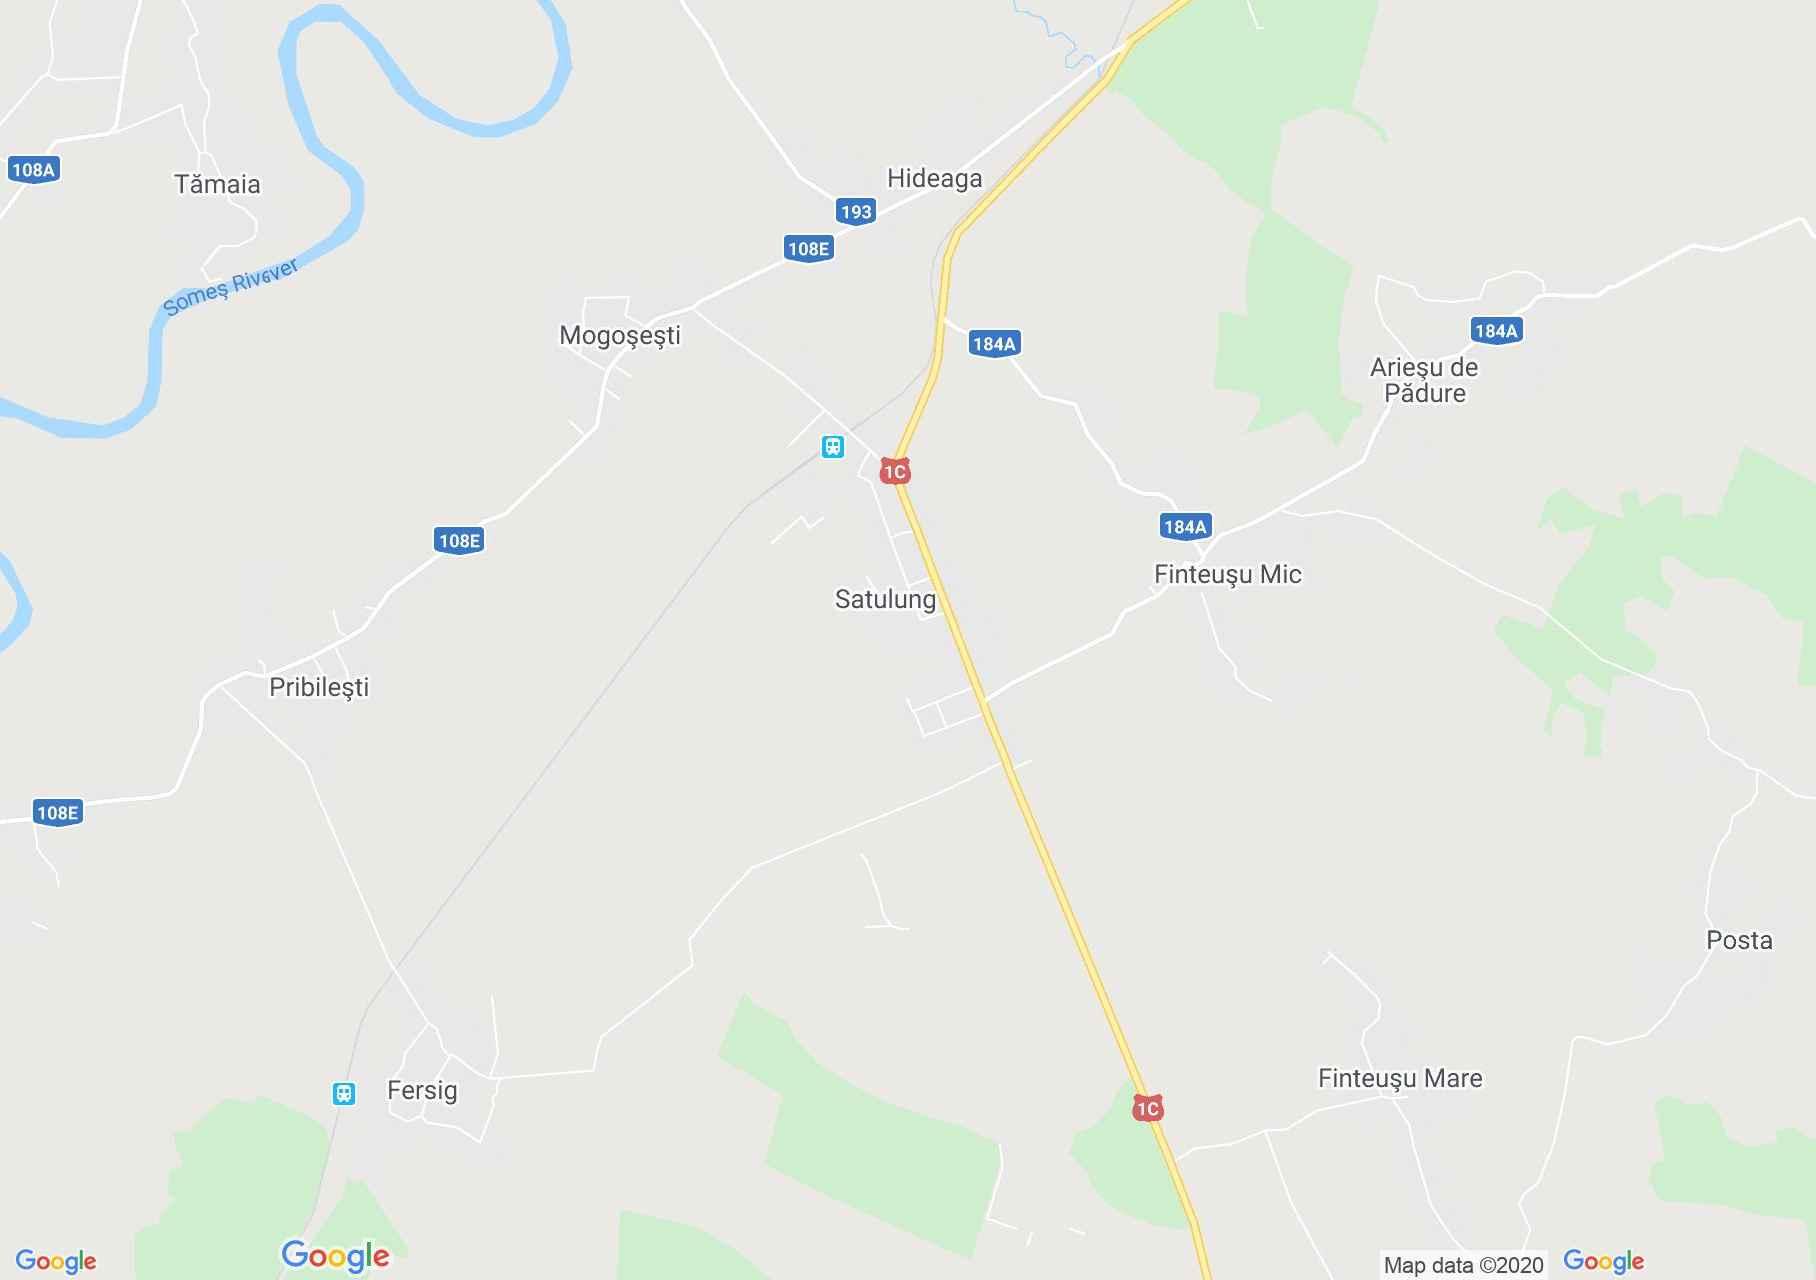 Satulung, Harta turistică interactivă